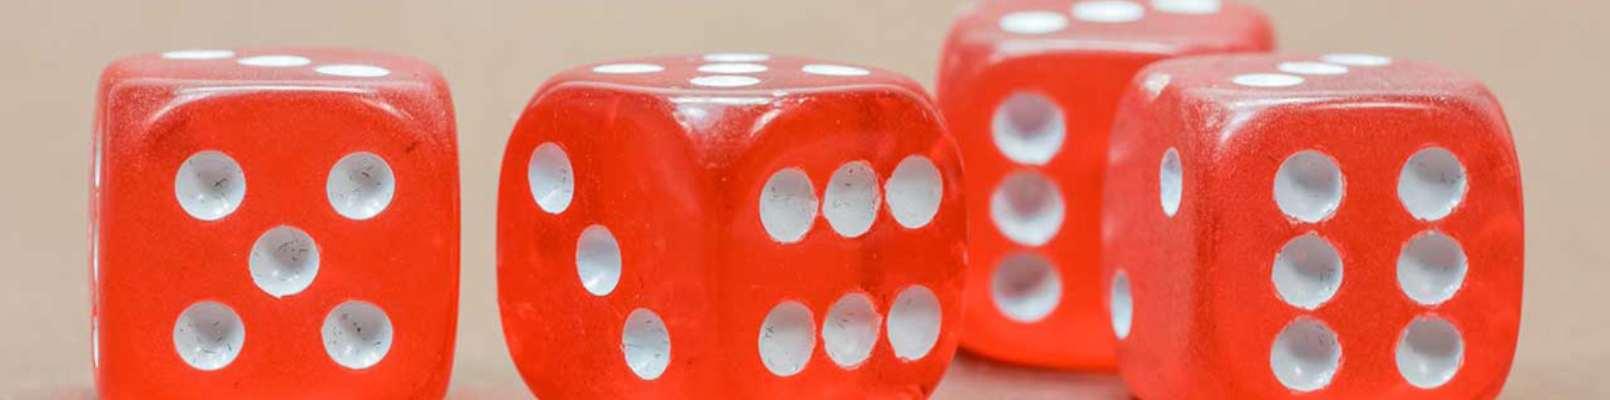 reguli la jocuri zaruri online